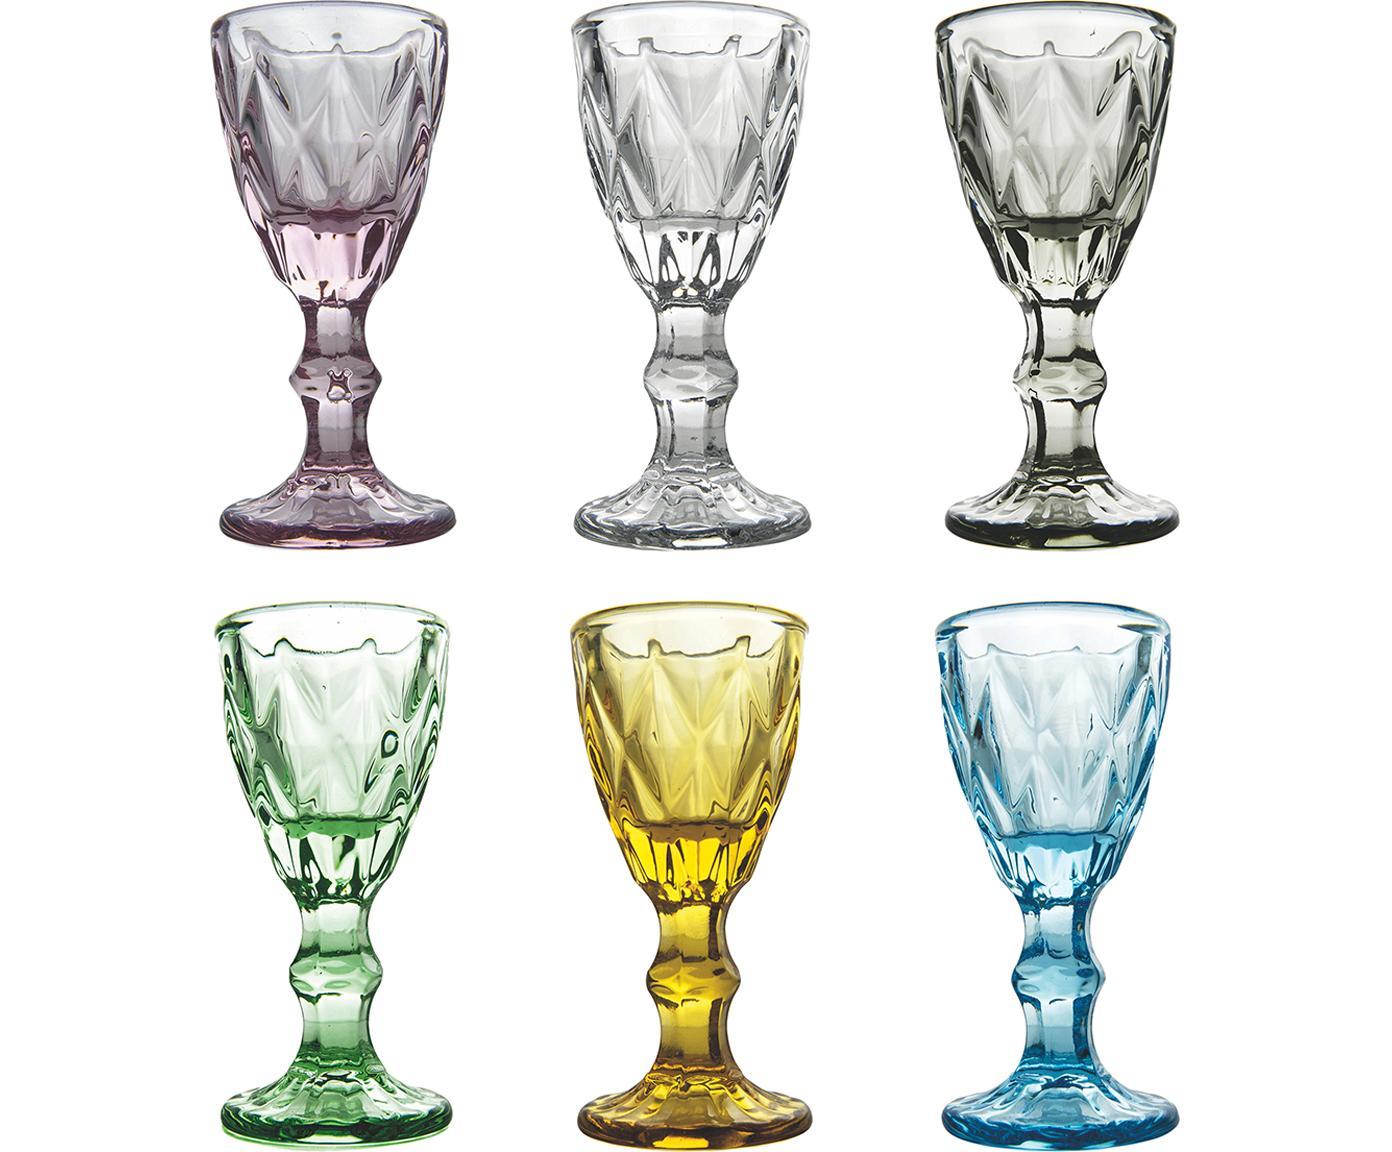 Vasos de chupito Prisma, 6uds., Vidrio, Multicolor, Ø 5x Al 11 cm